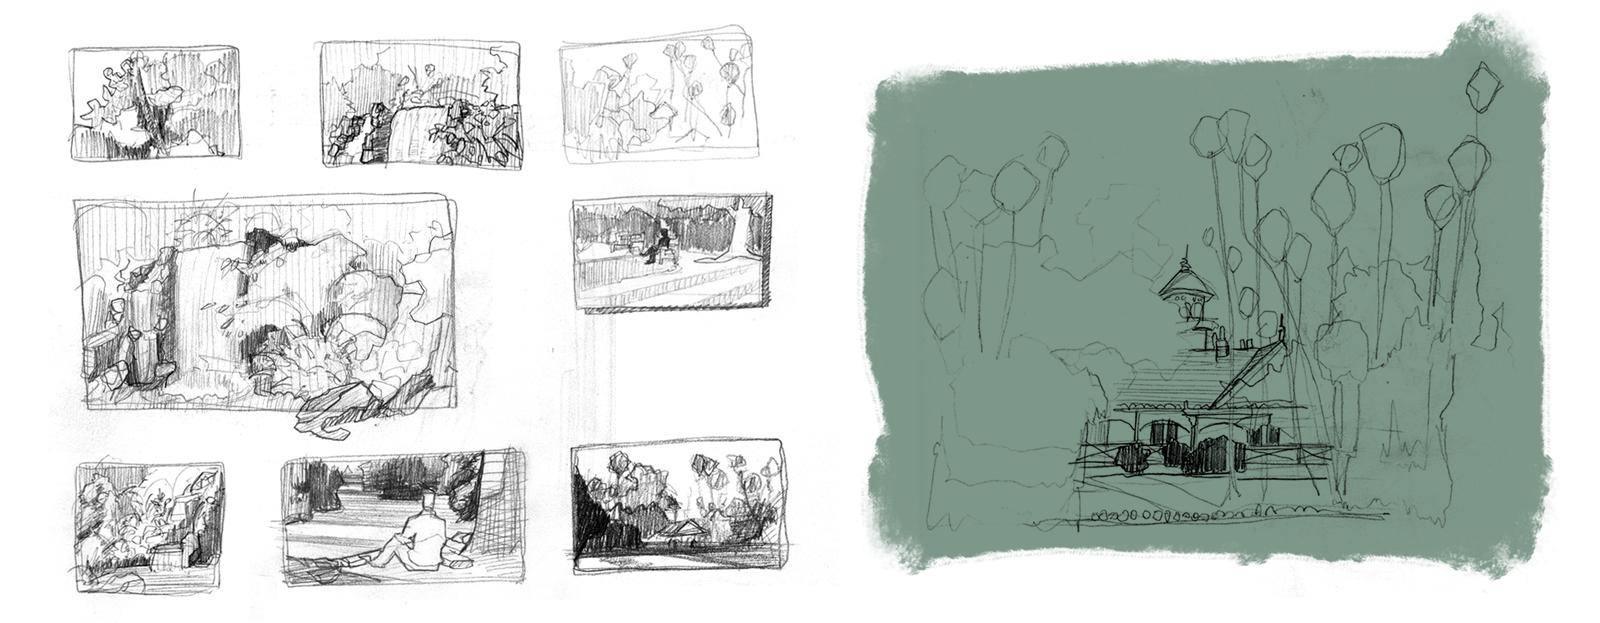 19_SketchbookArboretumLo.jpg